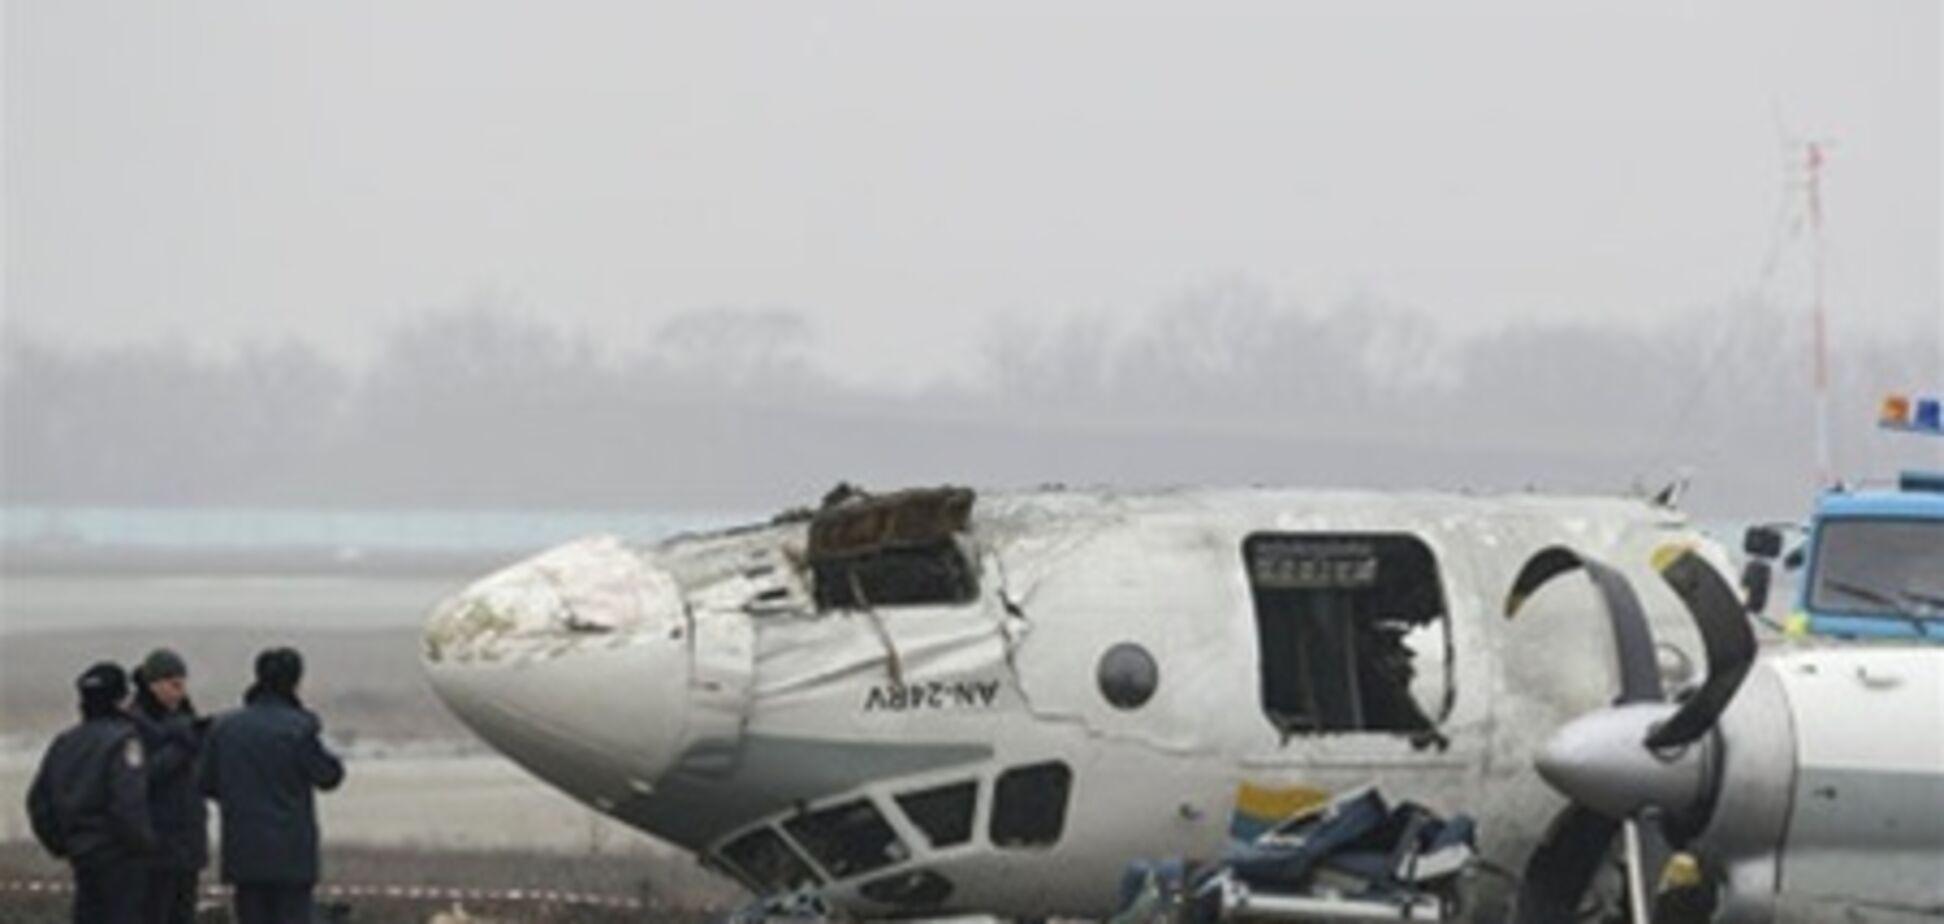 Крушение Ан-24: прокуратура исключила версию теракта